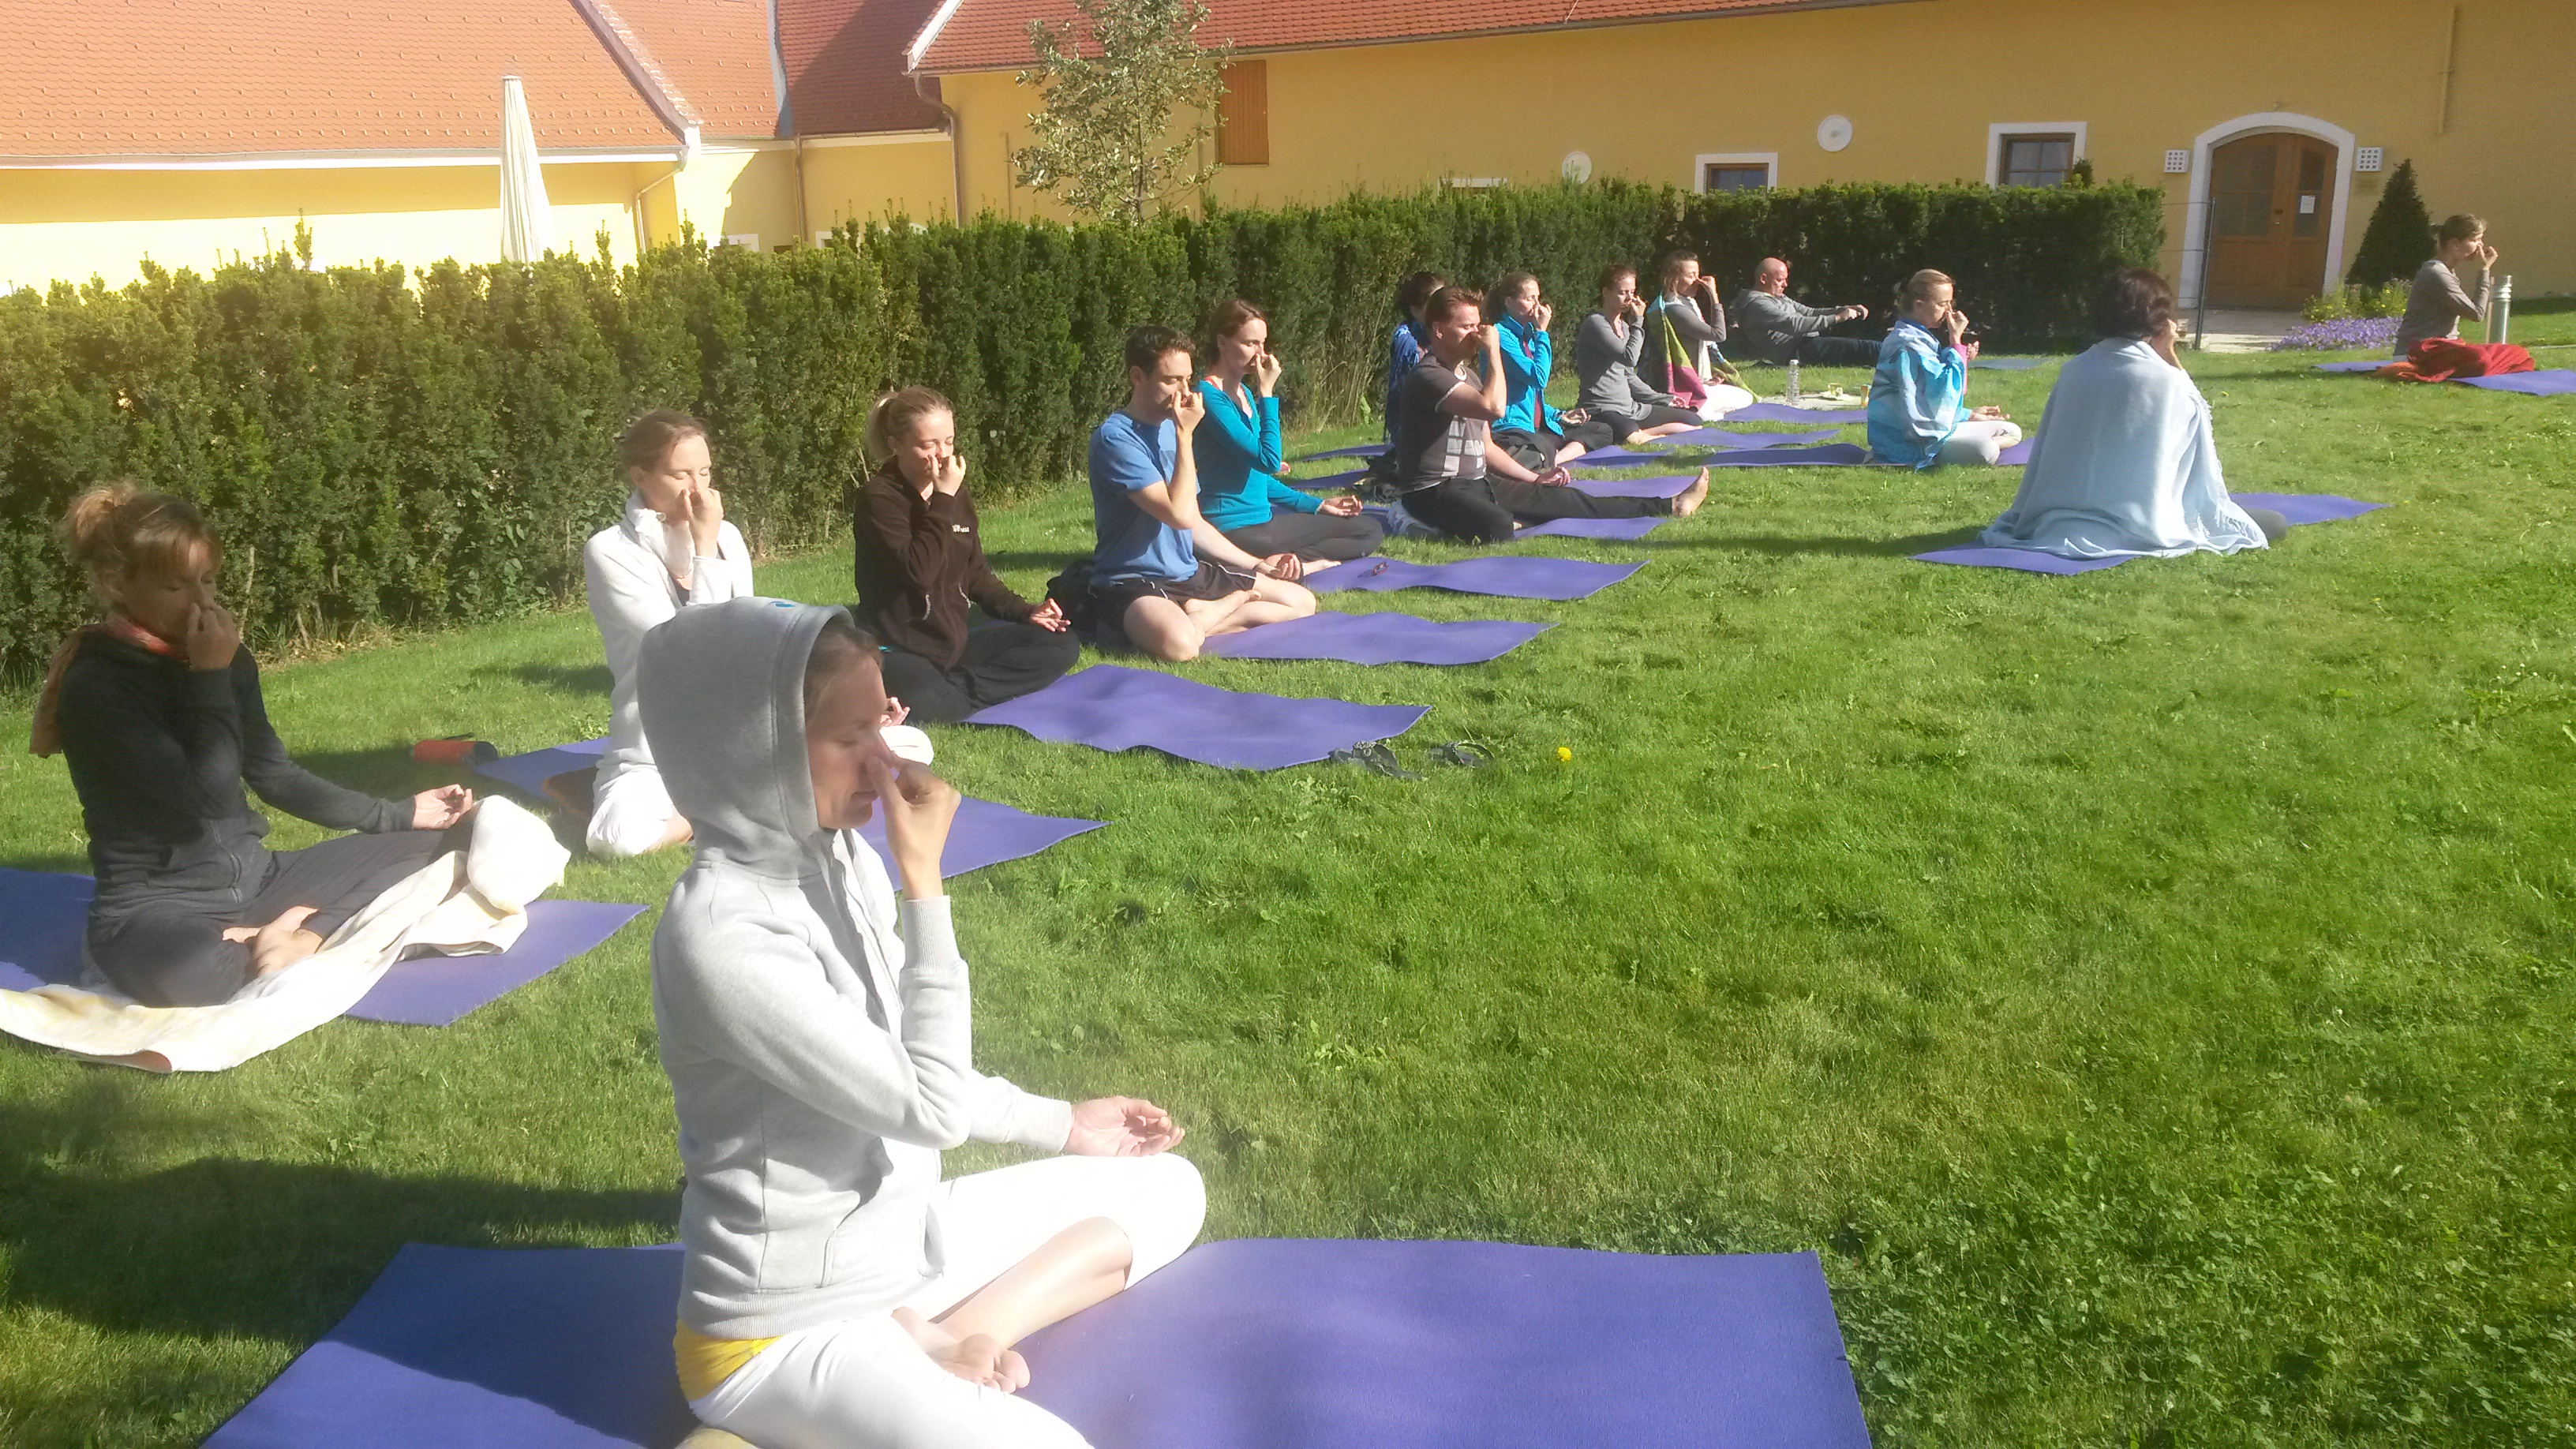 Yoga - Pranayama